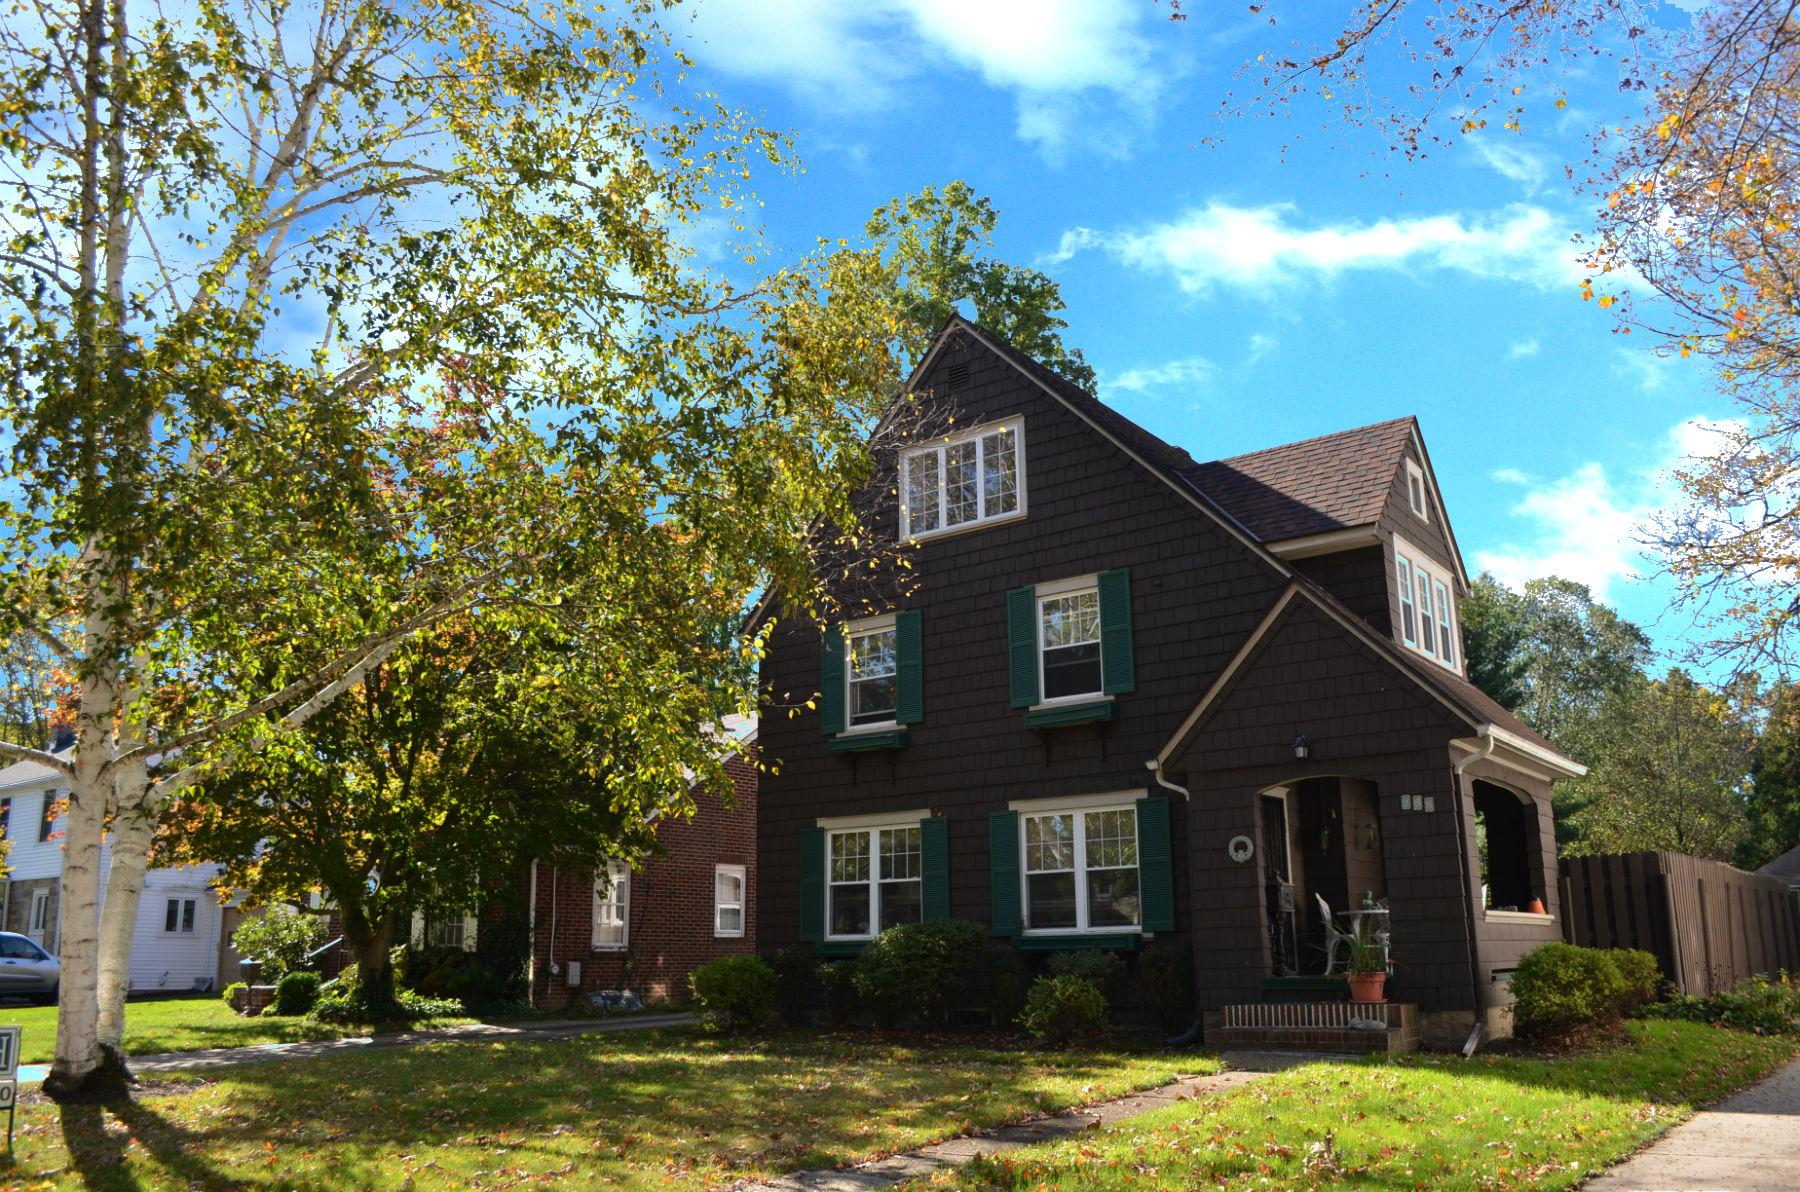 238 Oakgrove Ave Ravenna, Ohio